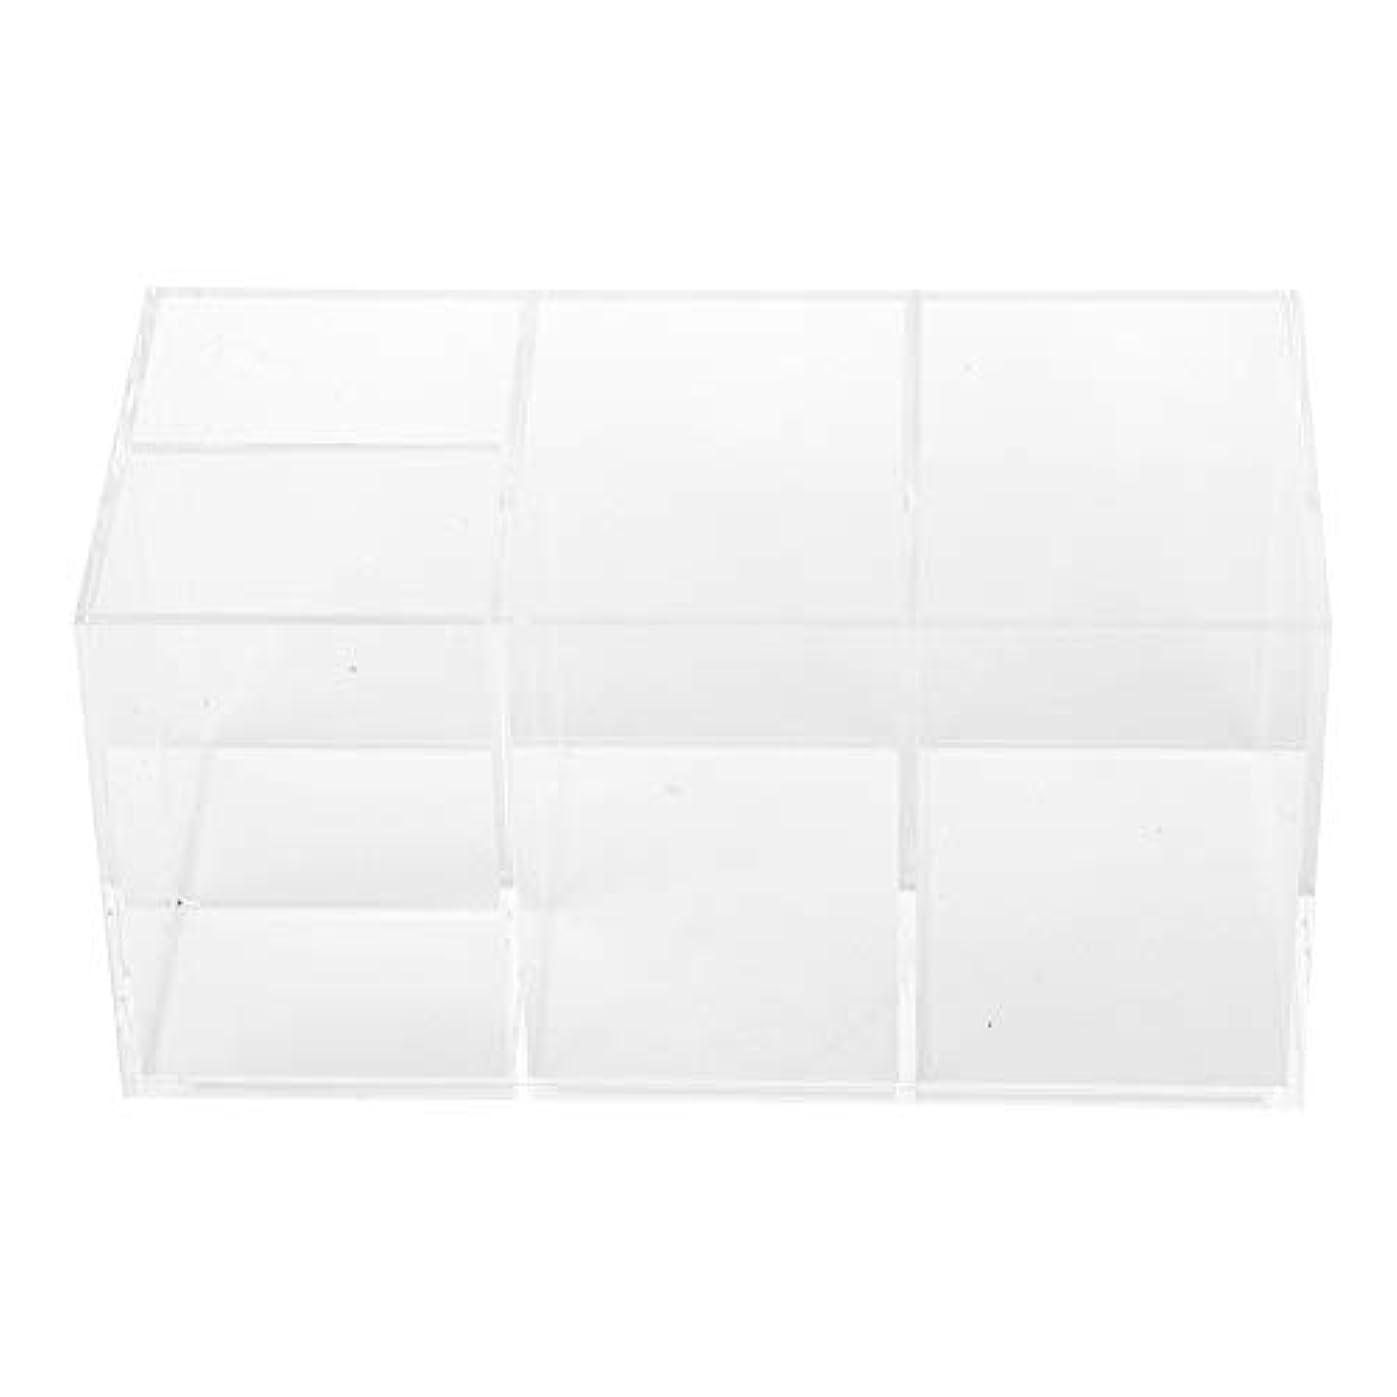 ポータブル耐久性のあるネイルアート収納ボックス - 美しいデスクトップネイルアートオーガナイザーボックス